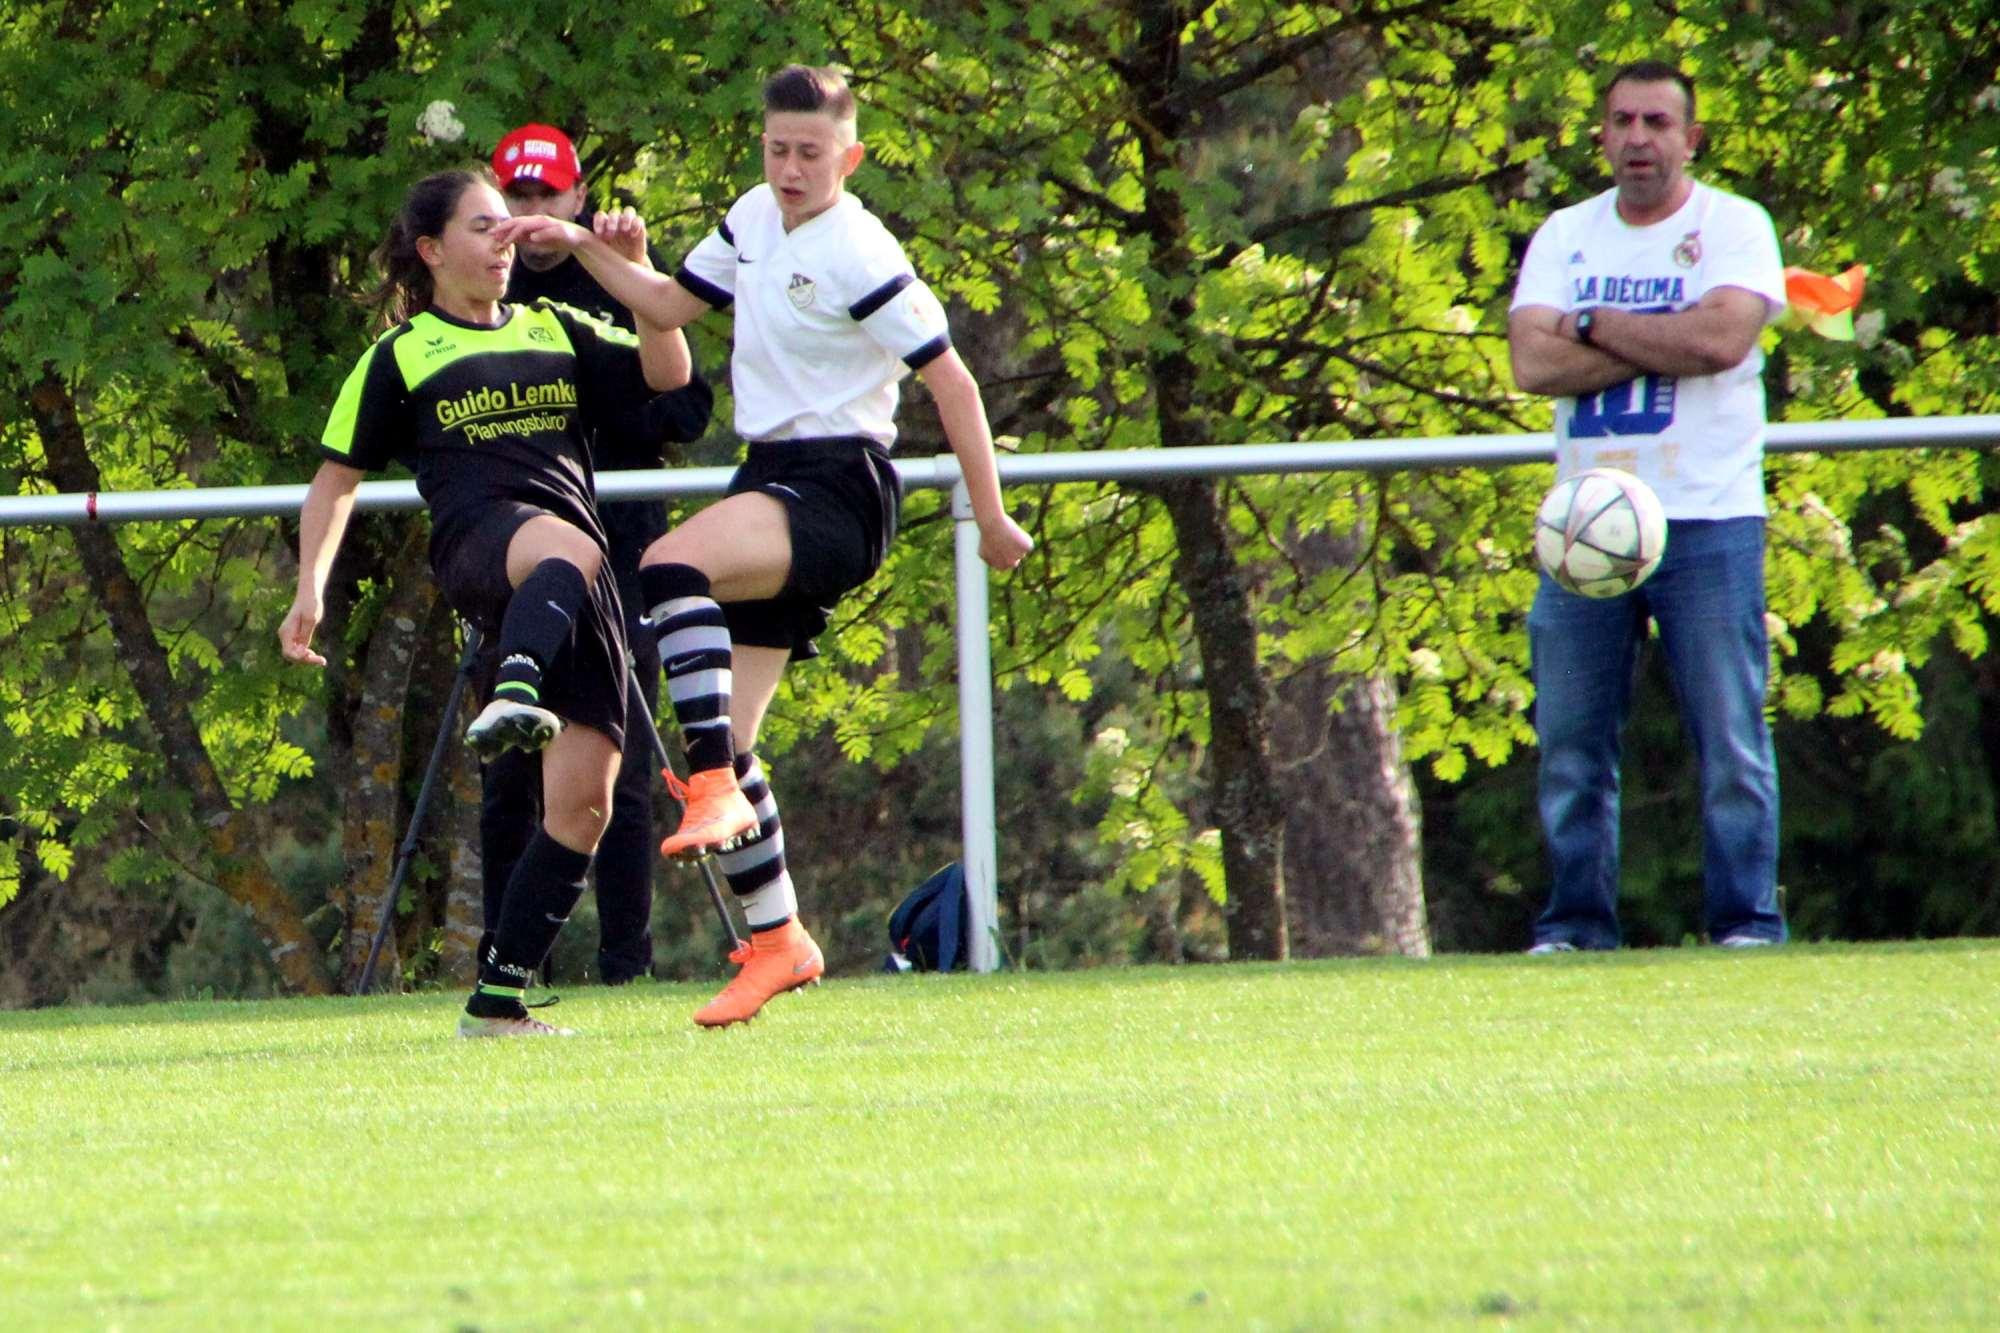 Verbandsliga - B-Juniorinnen unterliegen 1:4 in Marbach